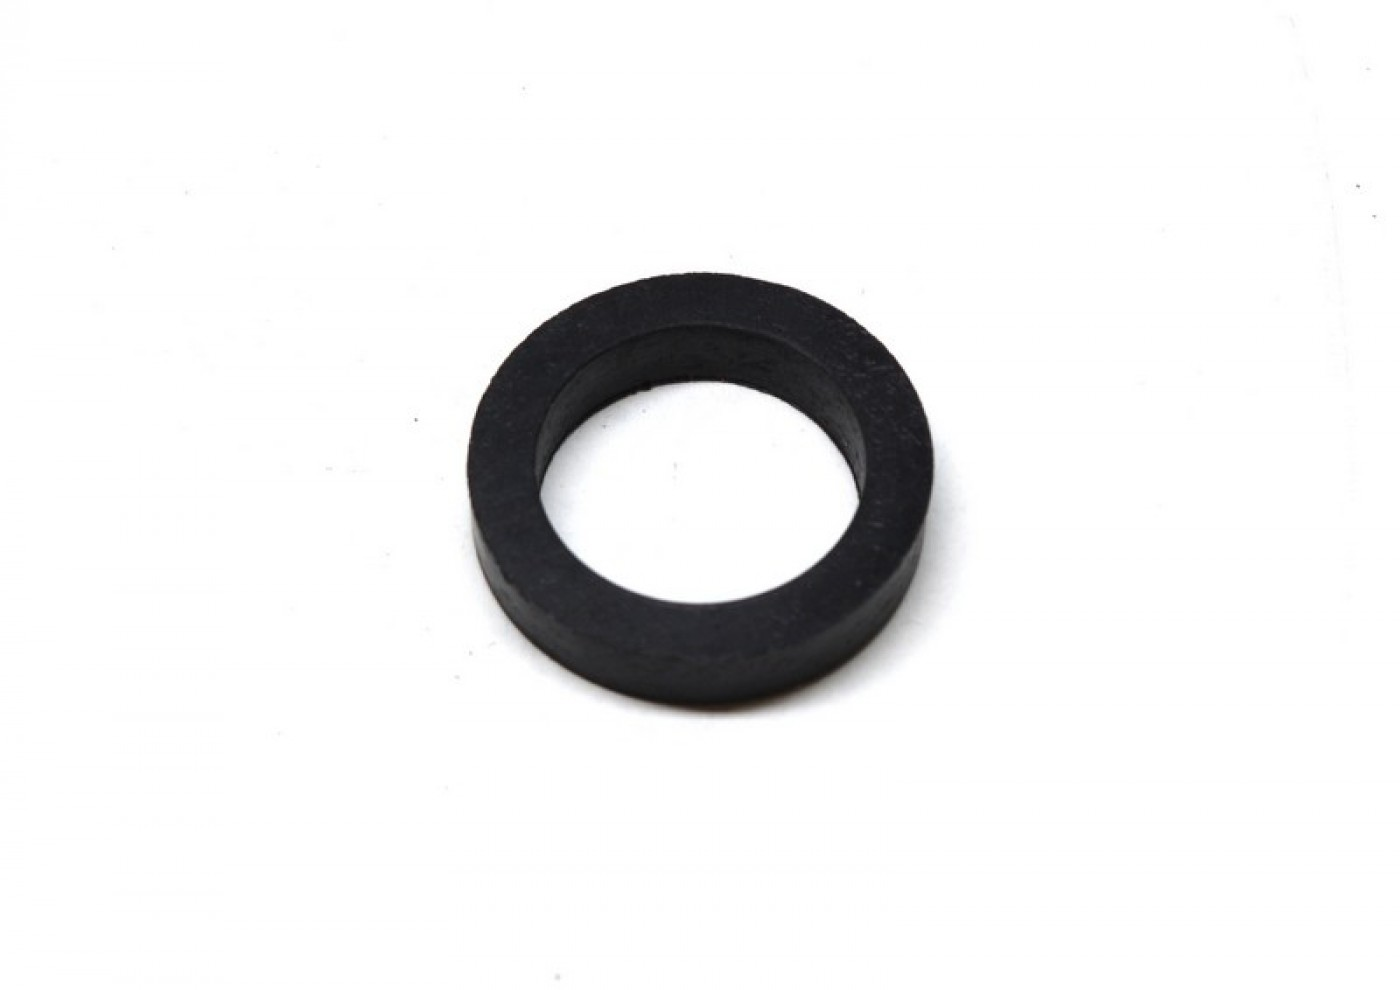 Těsnící kroužek - Stihl MS460 MS440 044 046 - Typ 1